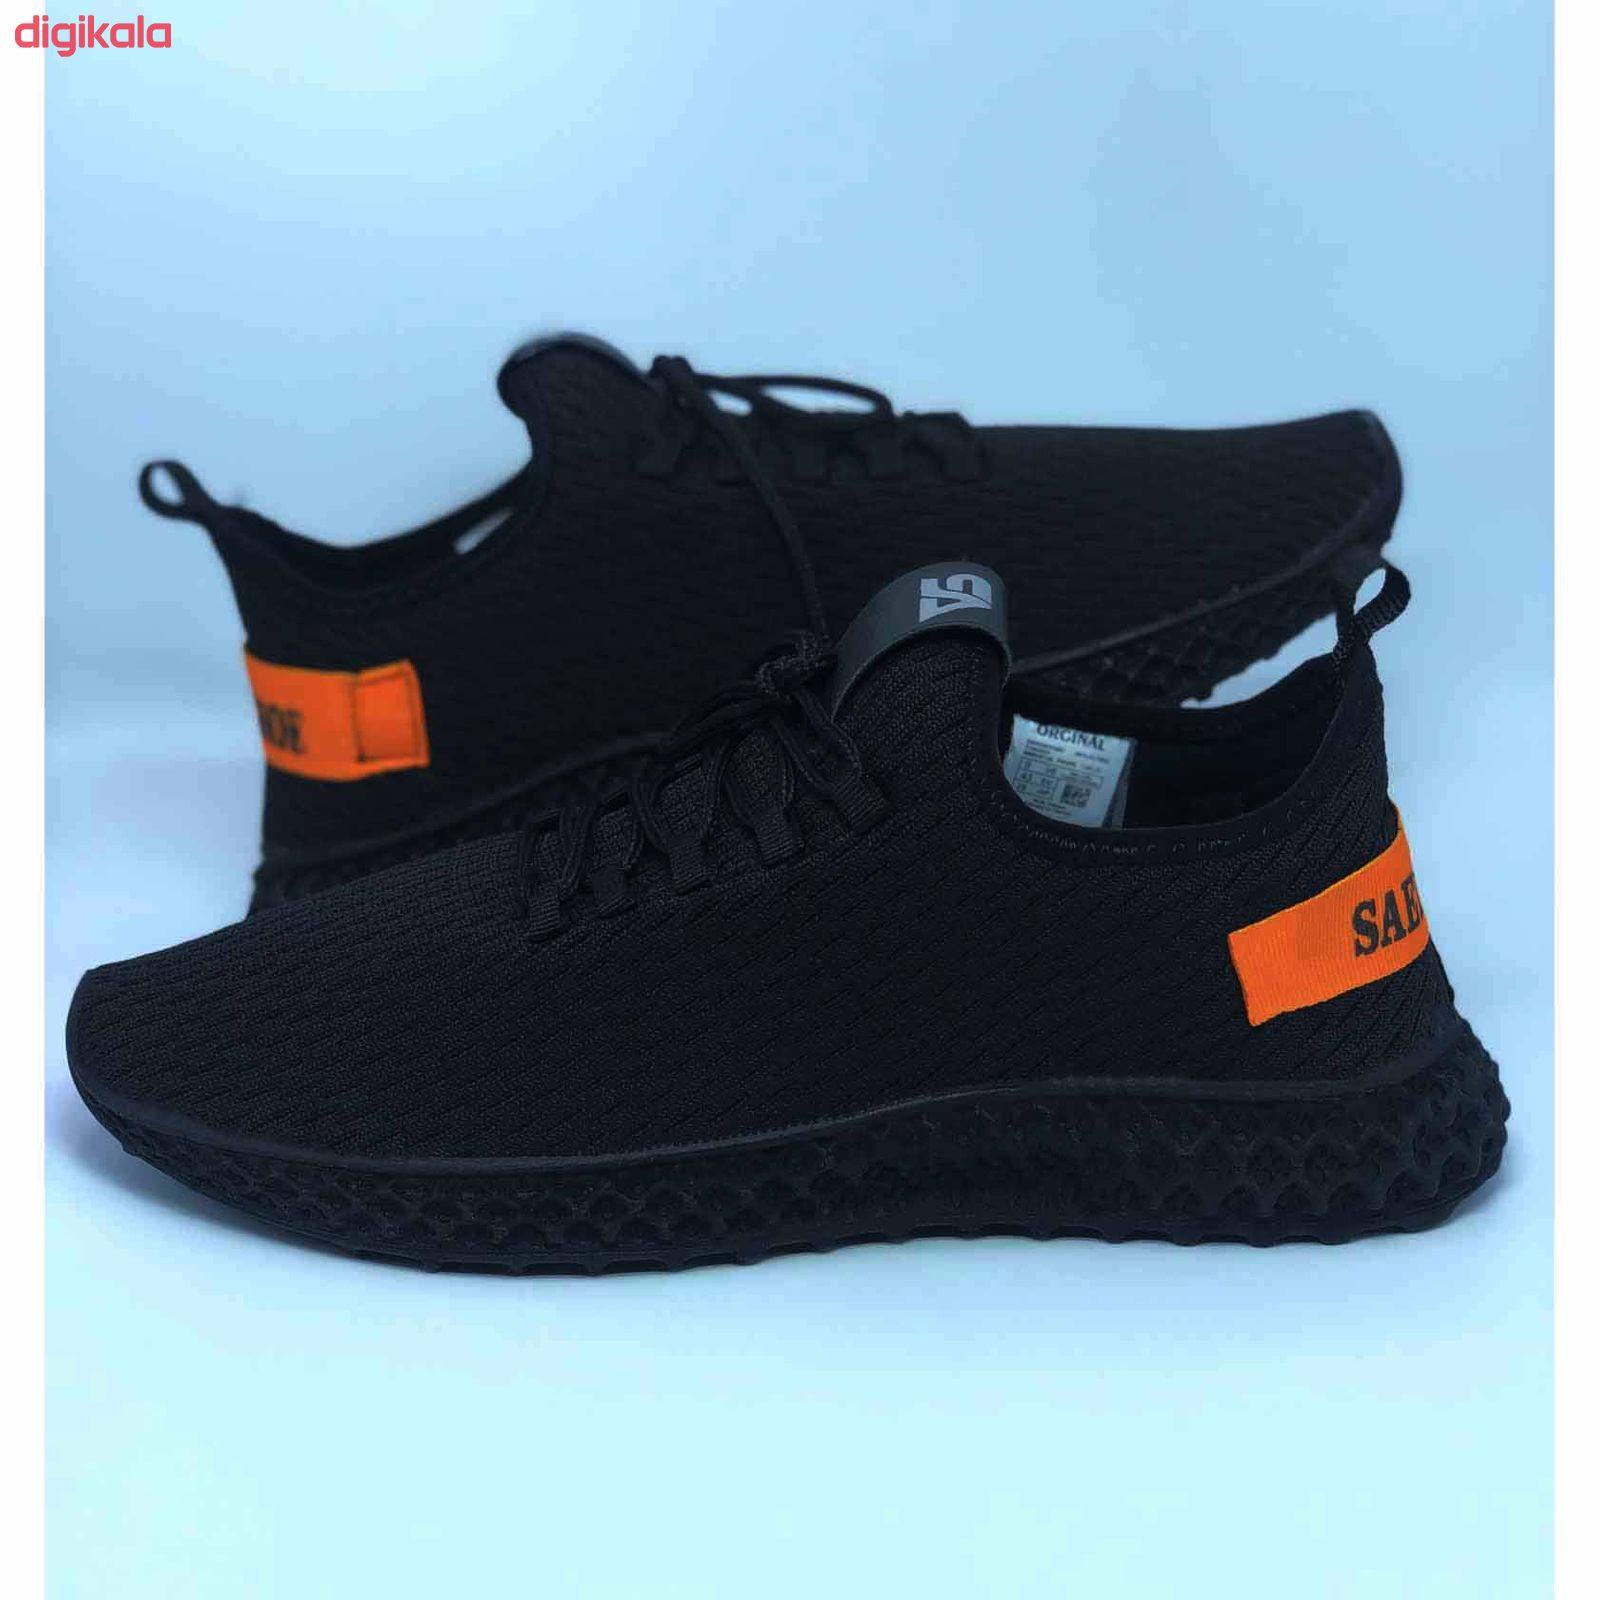 کفش مخصوص پیاده روی سعیدی کد Sa 304 main 1 4